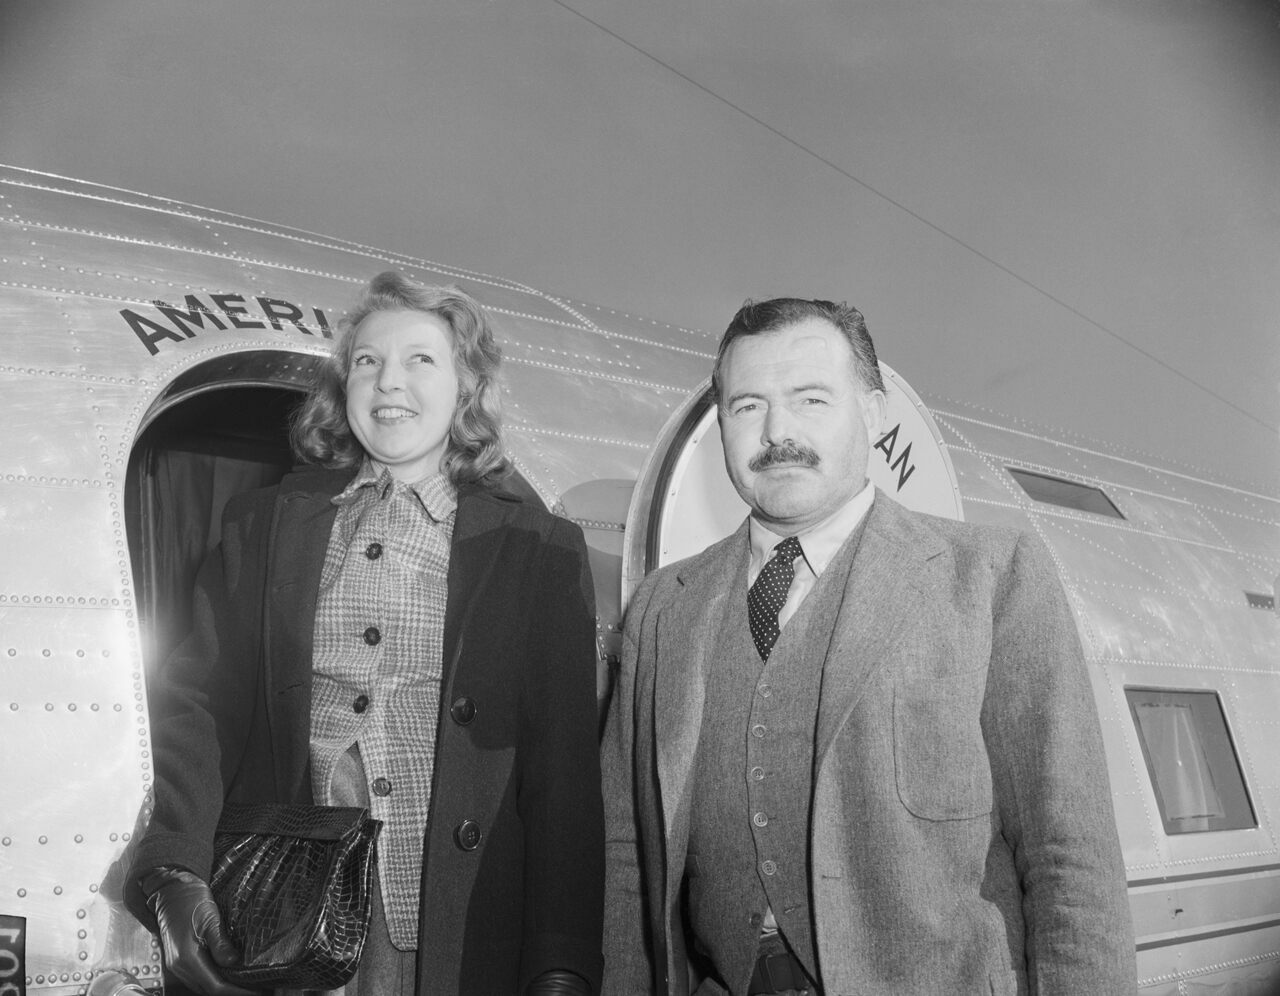 Gellhorn and Hemingway in 1945.